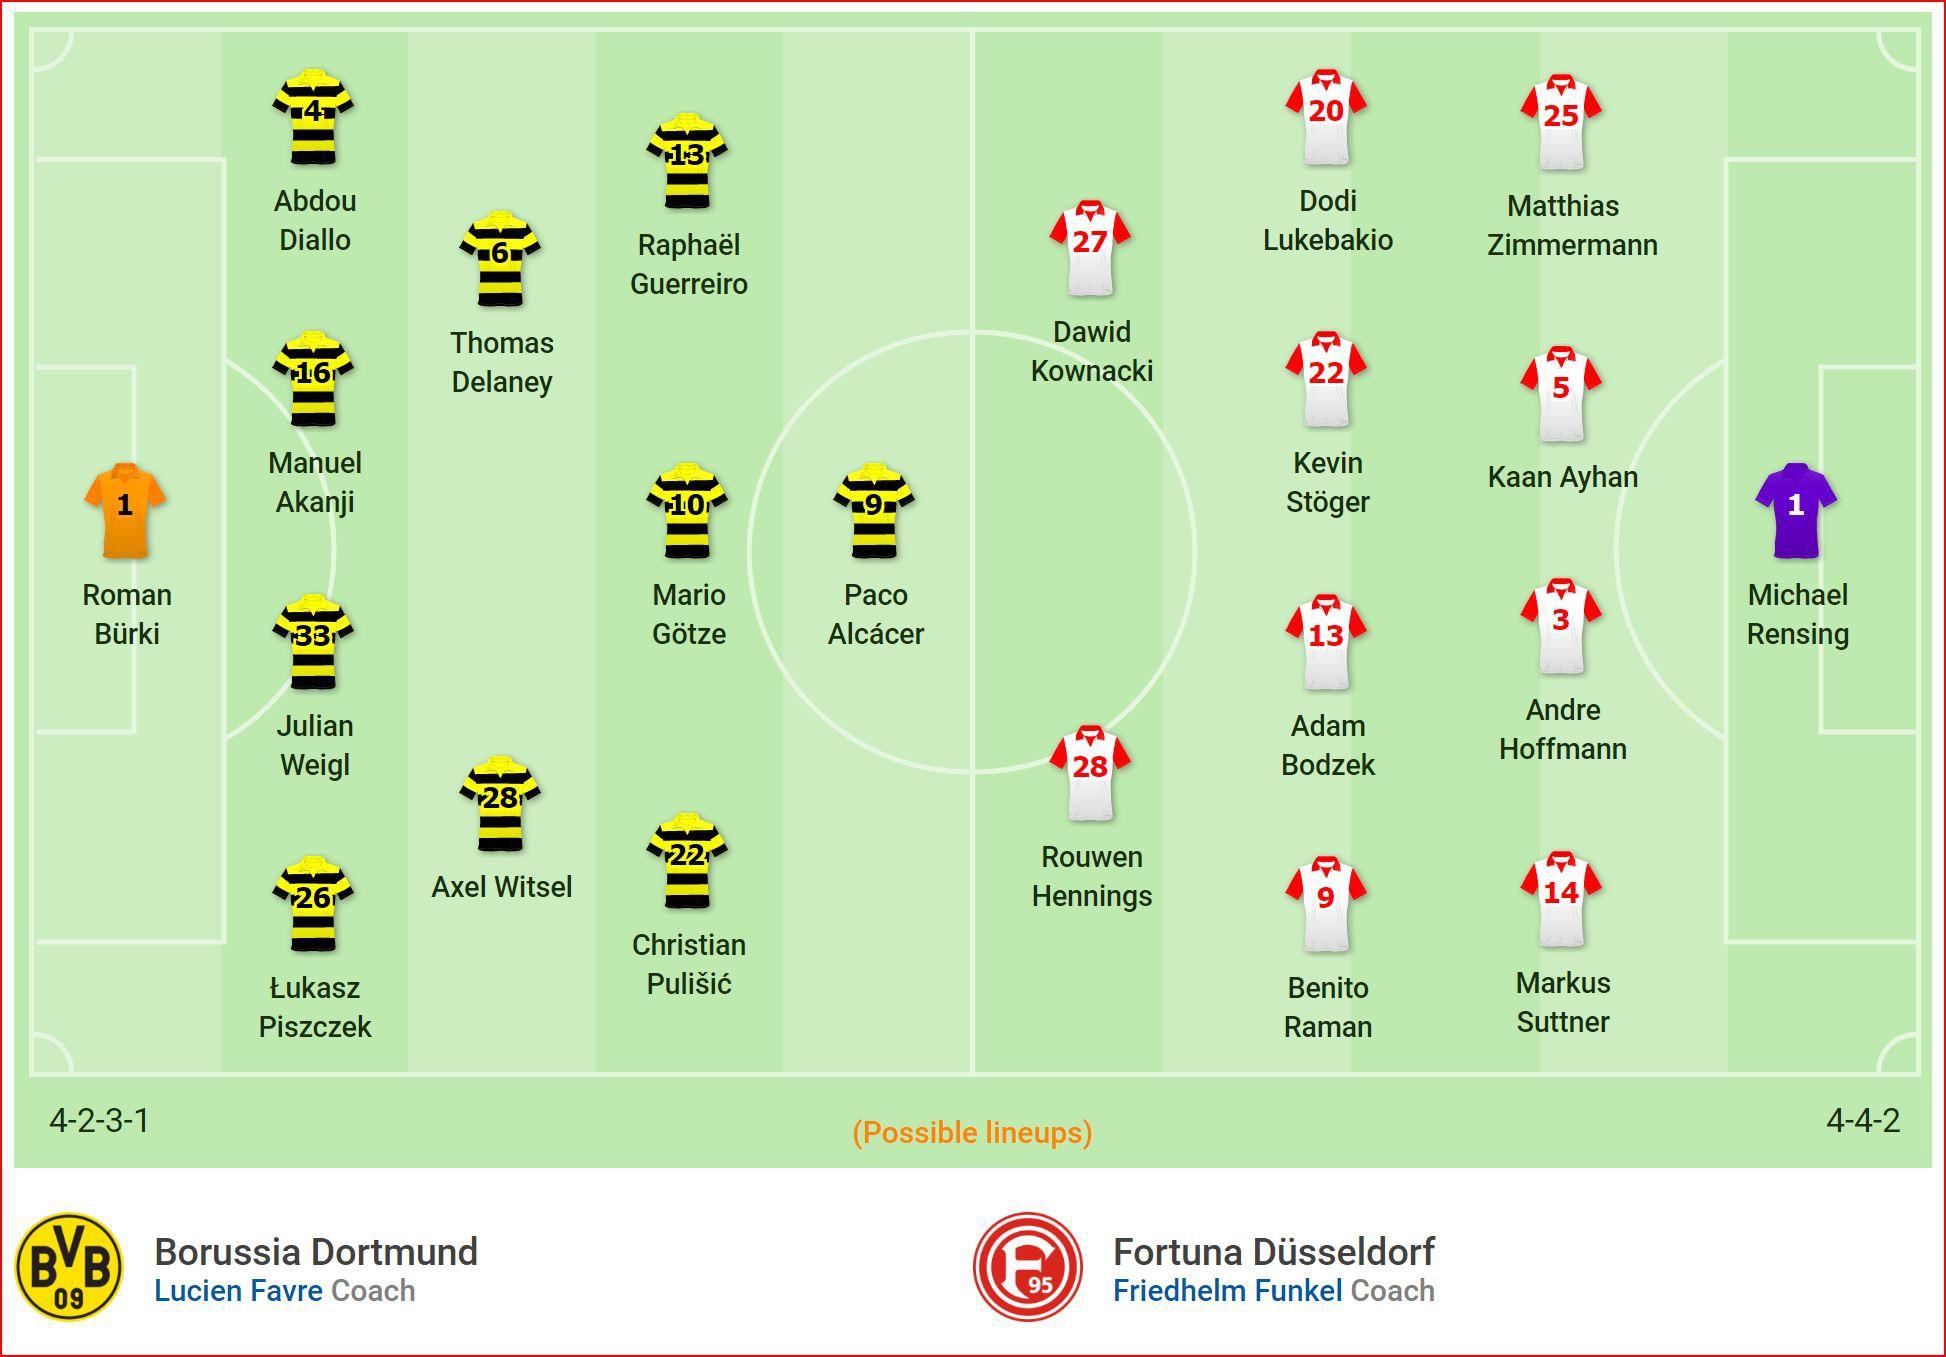 Nhận định Dortmund vs Fortuna Dusseldorf (20h30, 11/5) vòng 33 Bundesliga: Nhiệm vụ phải thắng - Ảnh 4.